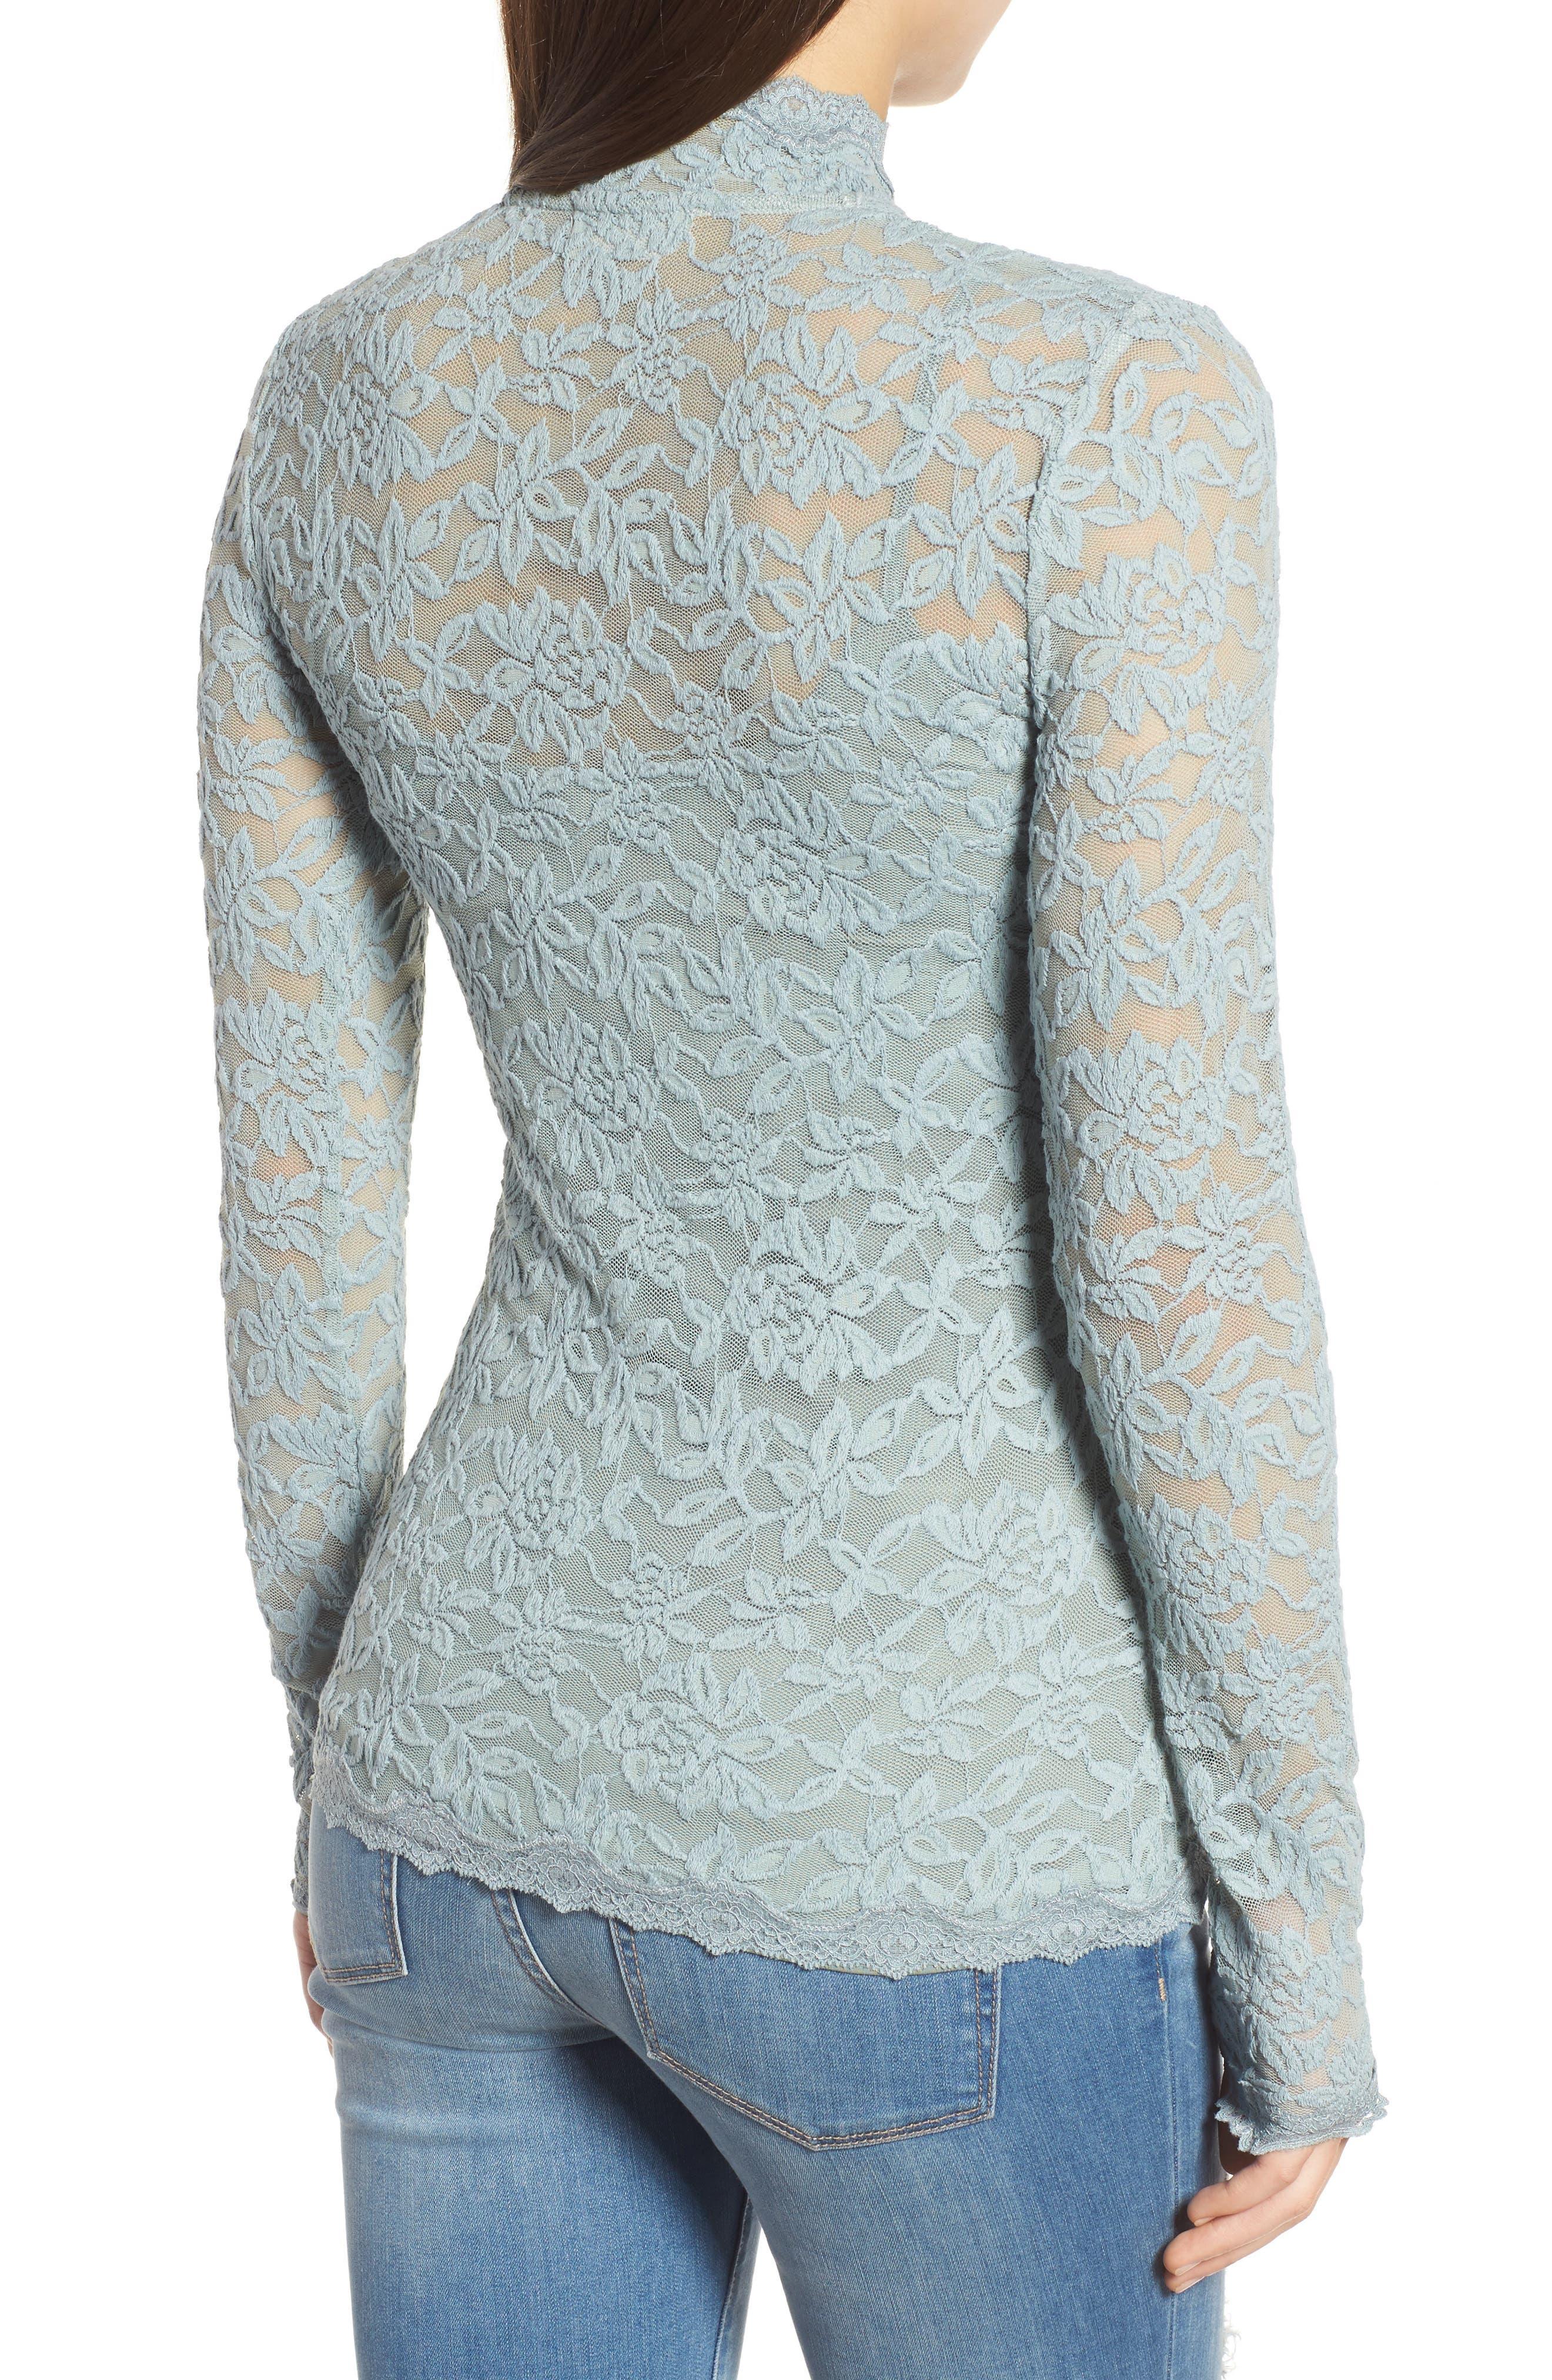 Delicia Long Sleeve Top,                             Alternate thumbnail 2, color,                             Puritan Grey